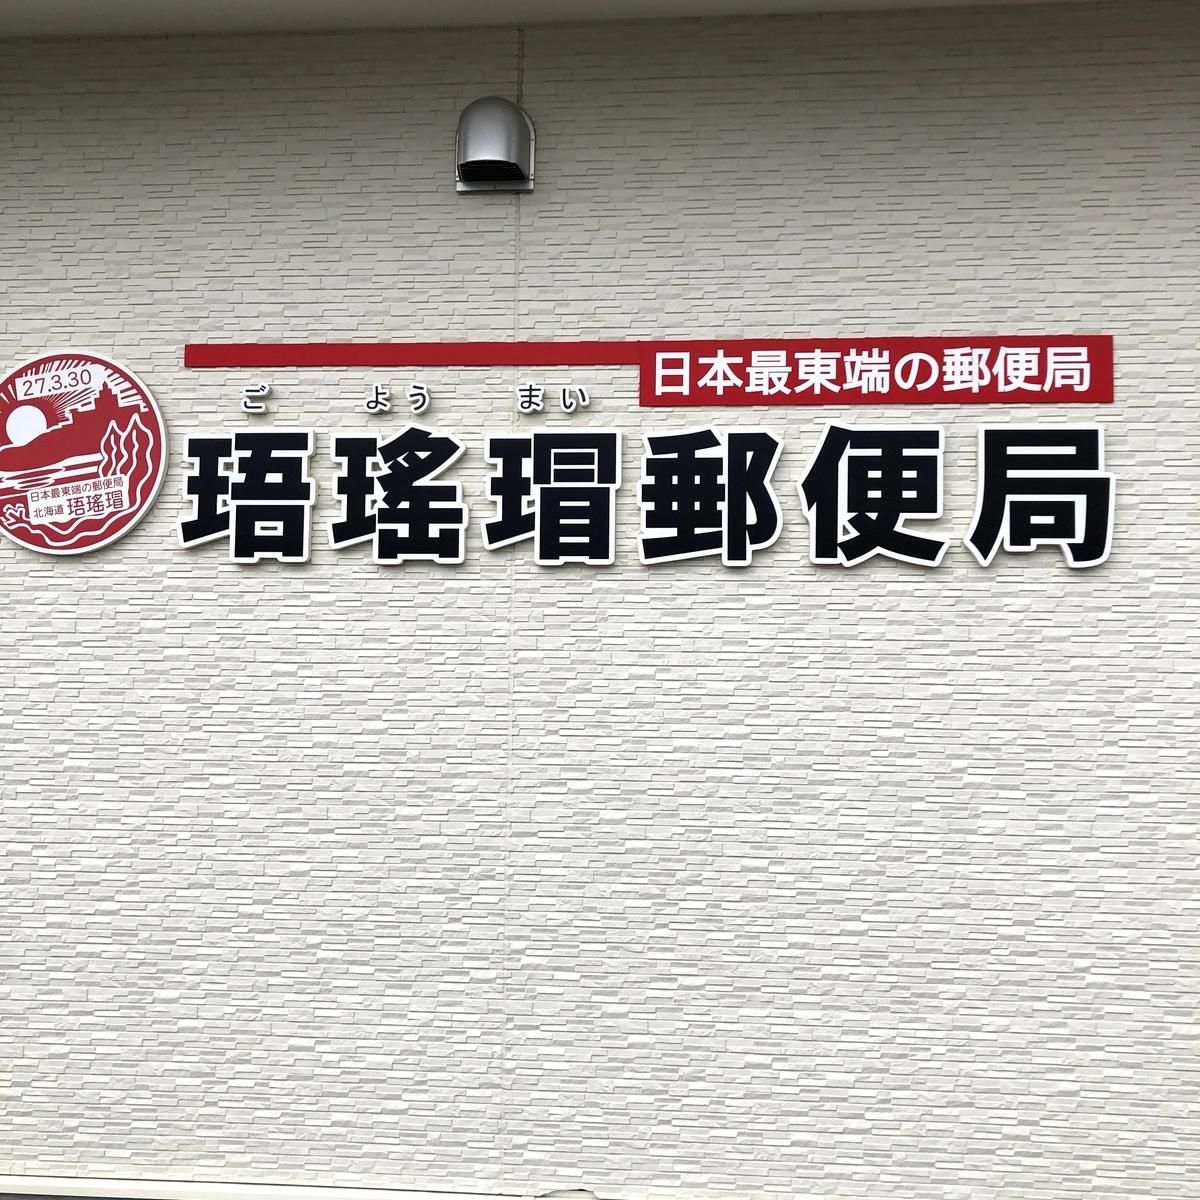 f:id:junichisuzaki:20200903112359j:plain